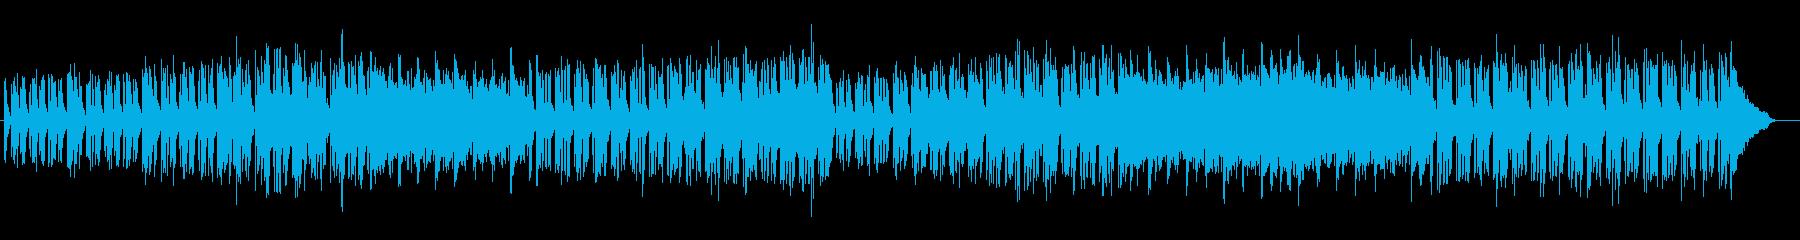 軽快でお洒落な電子ピアノのテクノポップスの再生済みの波形